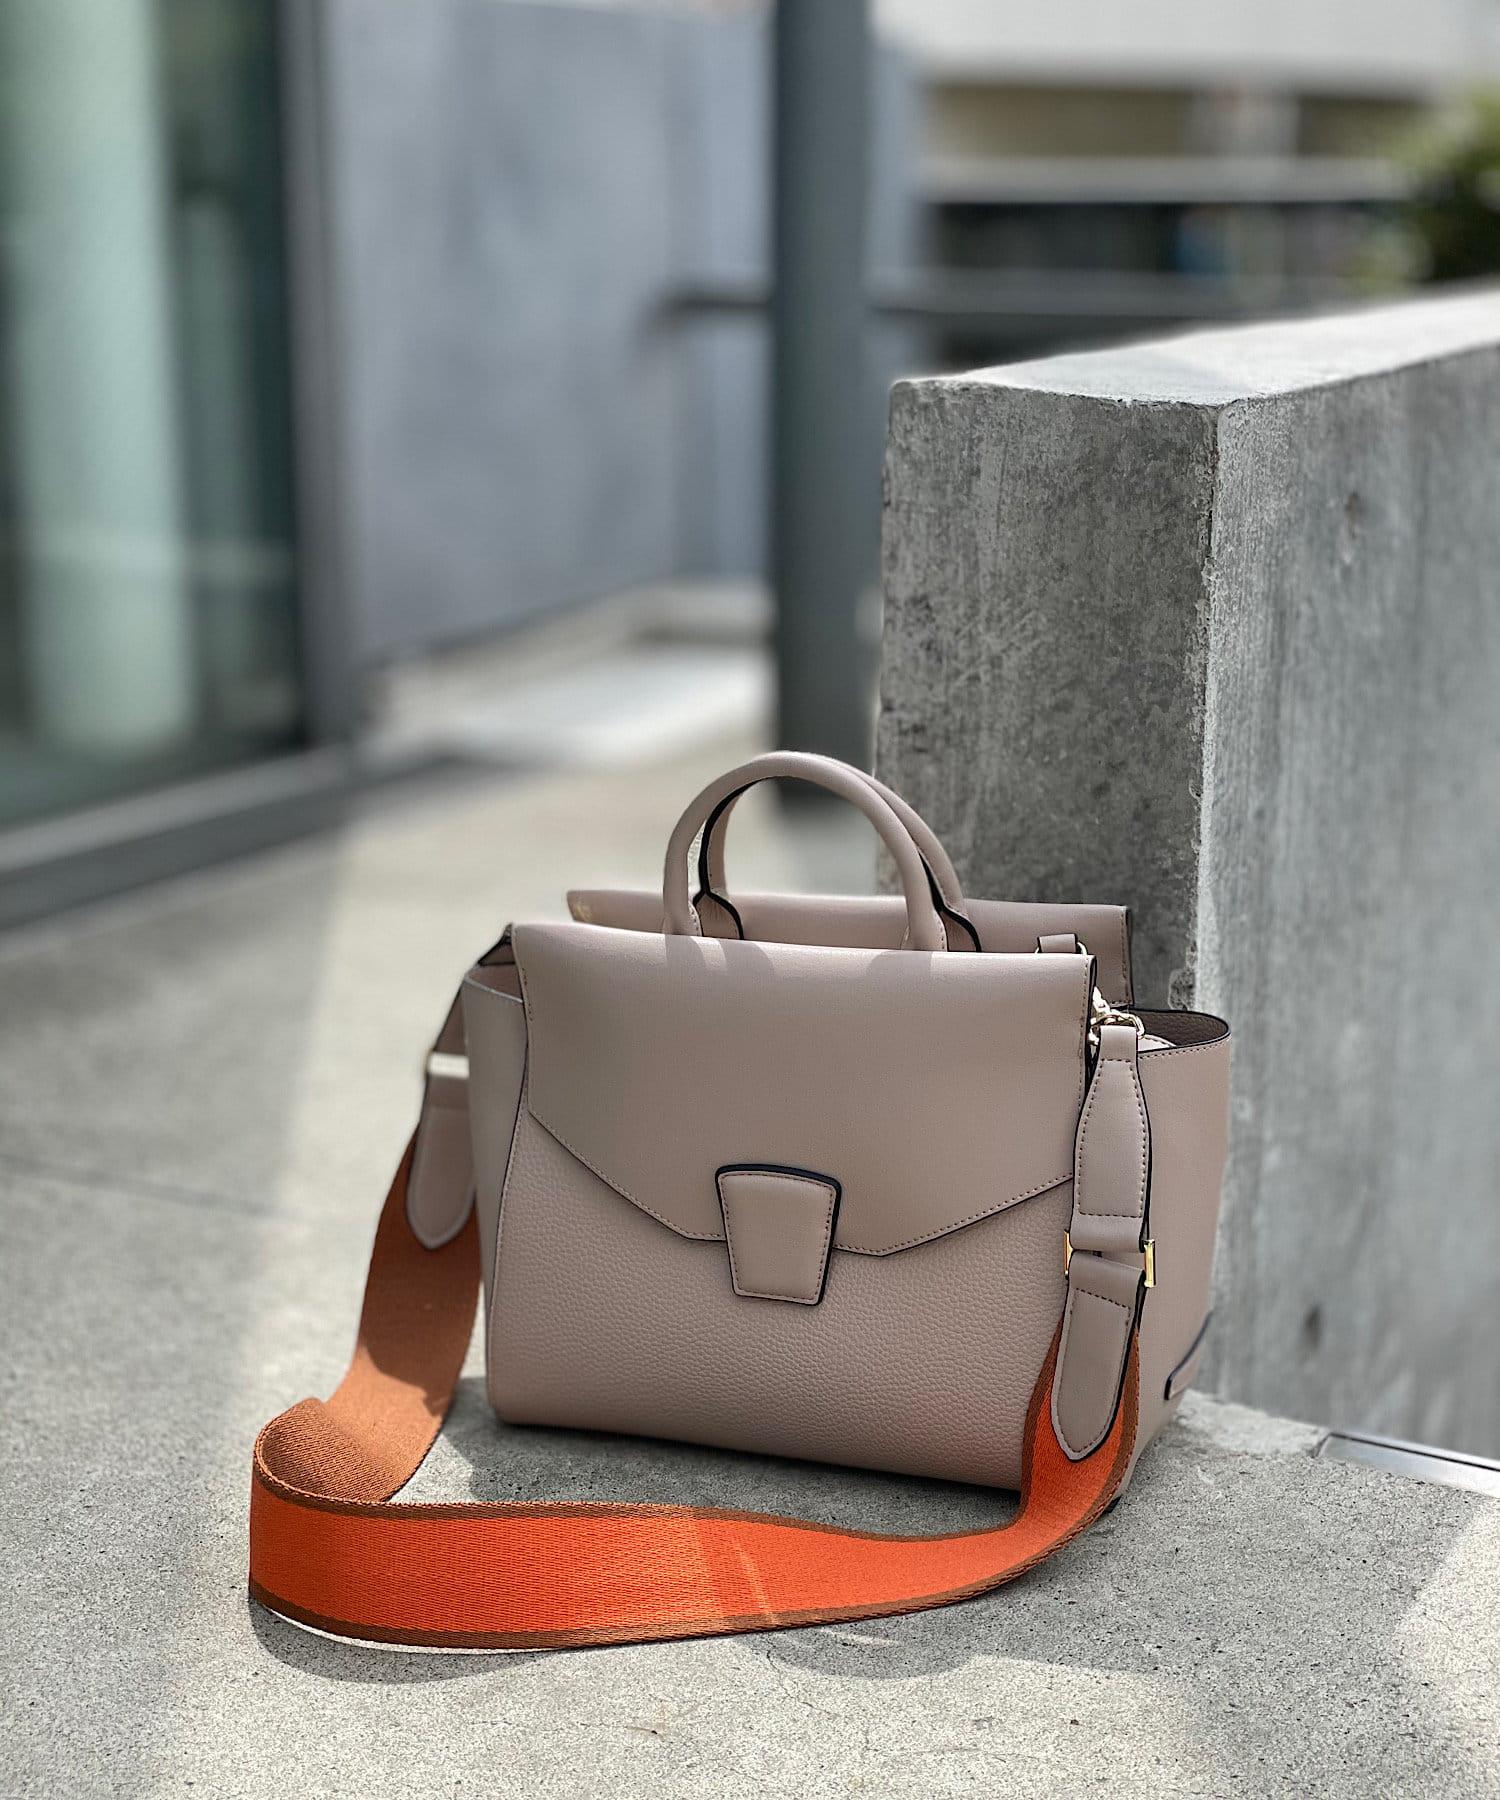 RIVE DROITE(リヴドロワ) 【シンプルで洗練されたデザイン】ベルトポイントソフトバッグ